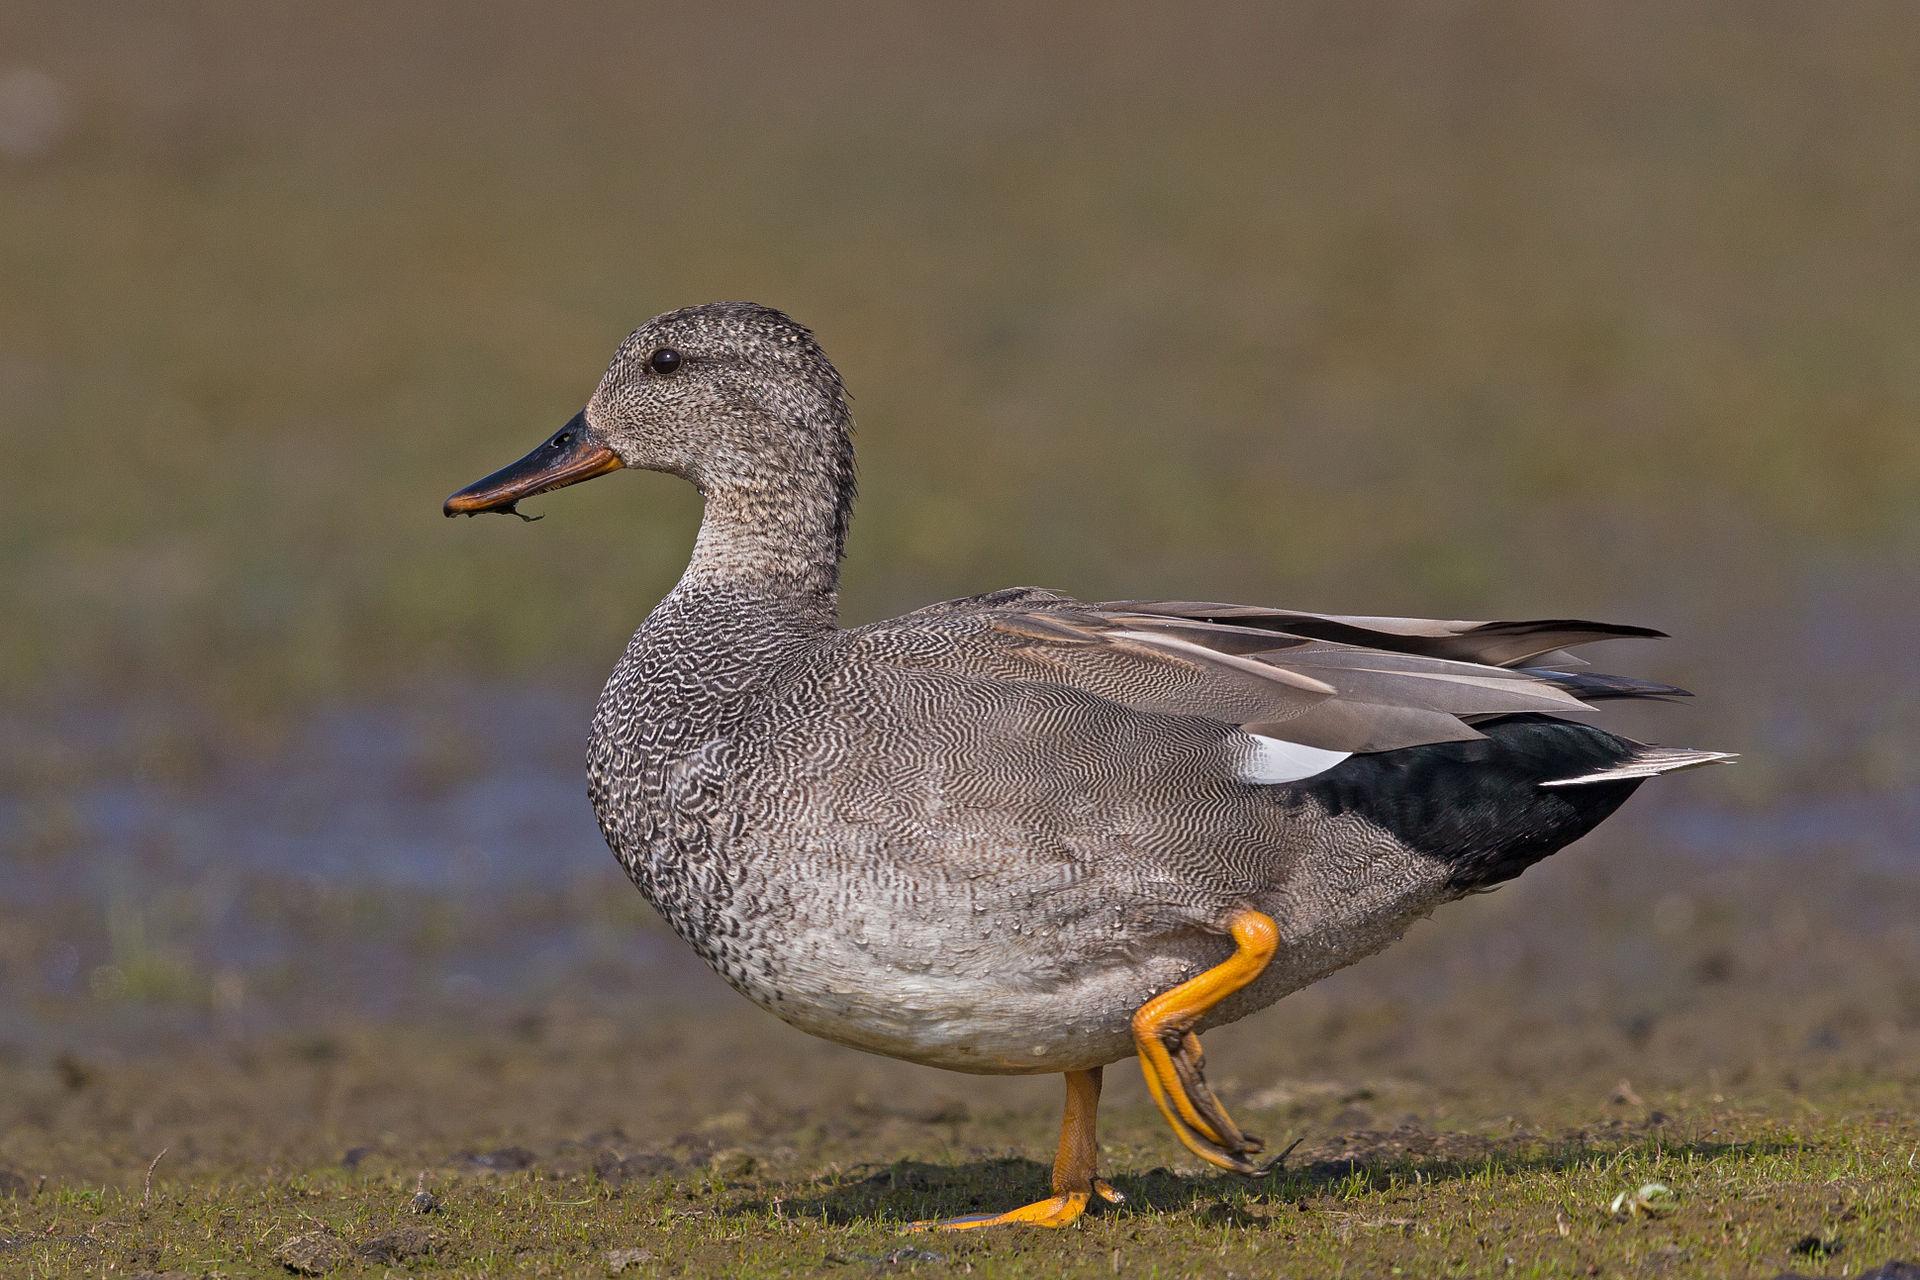 A male gadwall duck.